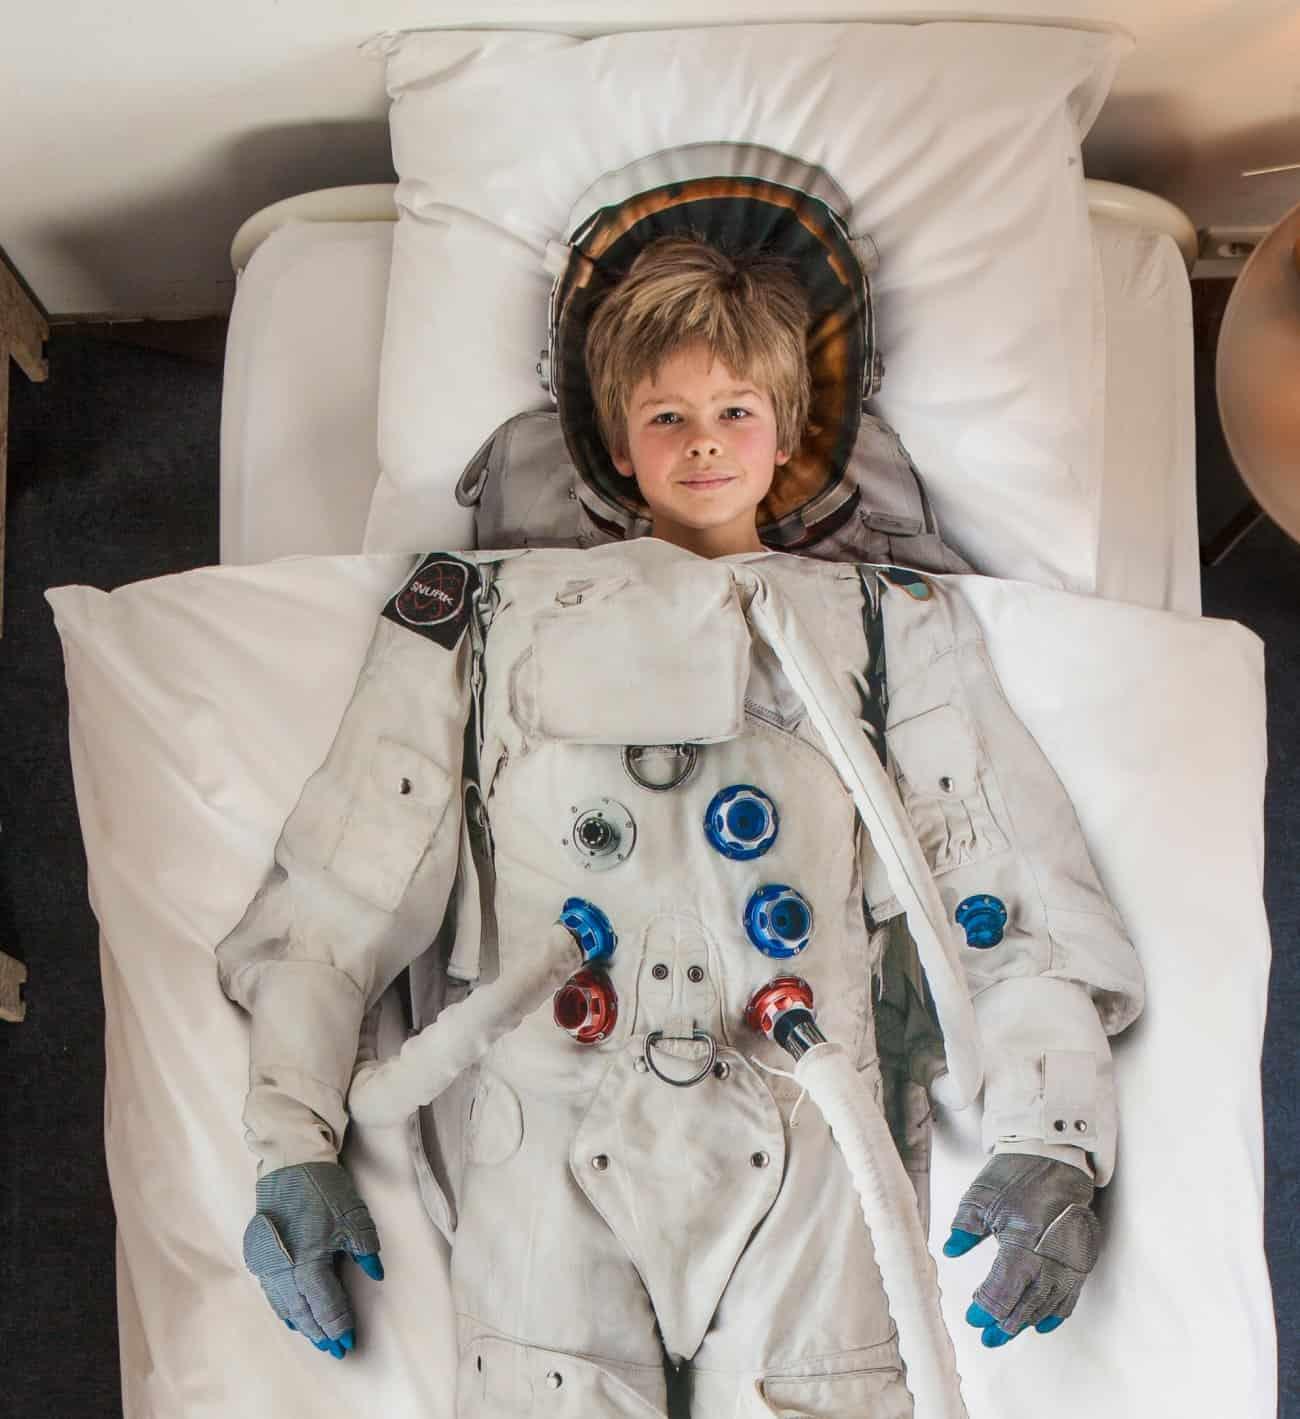 Snurk Astronaut Duvet Cover Cute Boy Bed Sheet